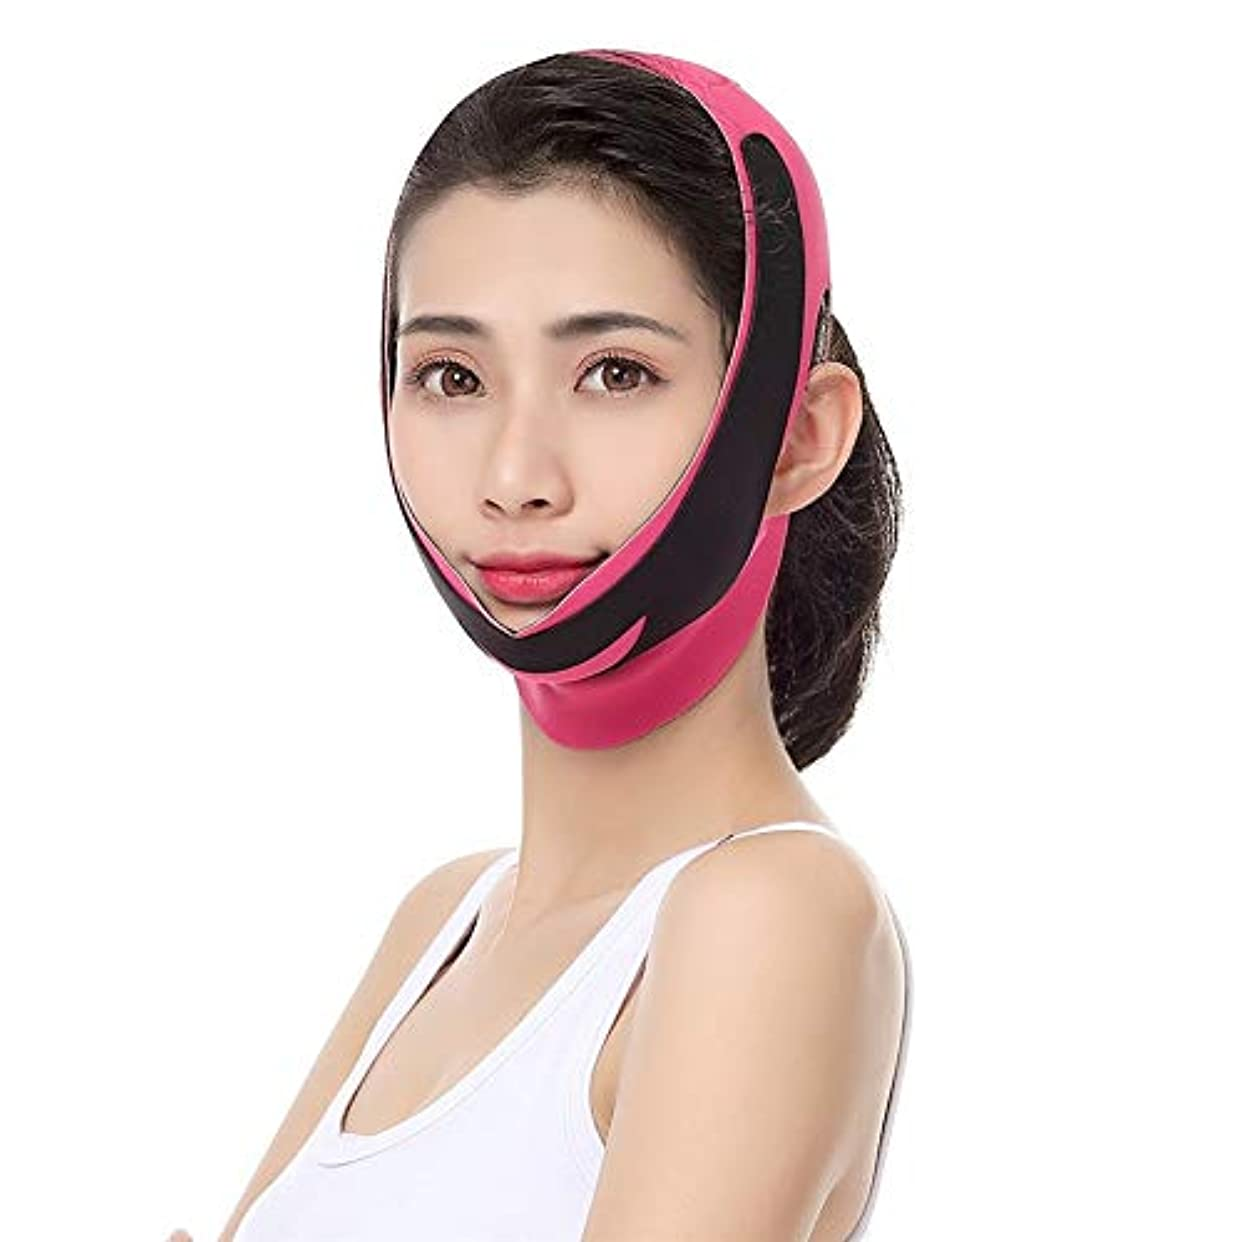 よろしく壊滅的な誰が薄い顔ベルト、フェイスリフティング包帯通気性と軽二重あご包帯?フェイシャルリフティングファーミングアンチリンクルスリープVフェイスステッカー (Color : A)